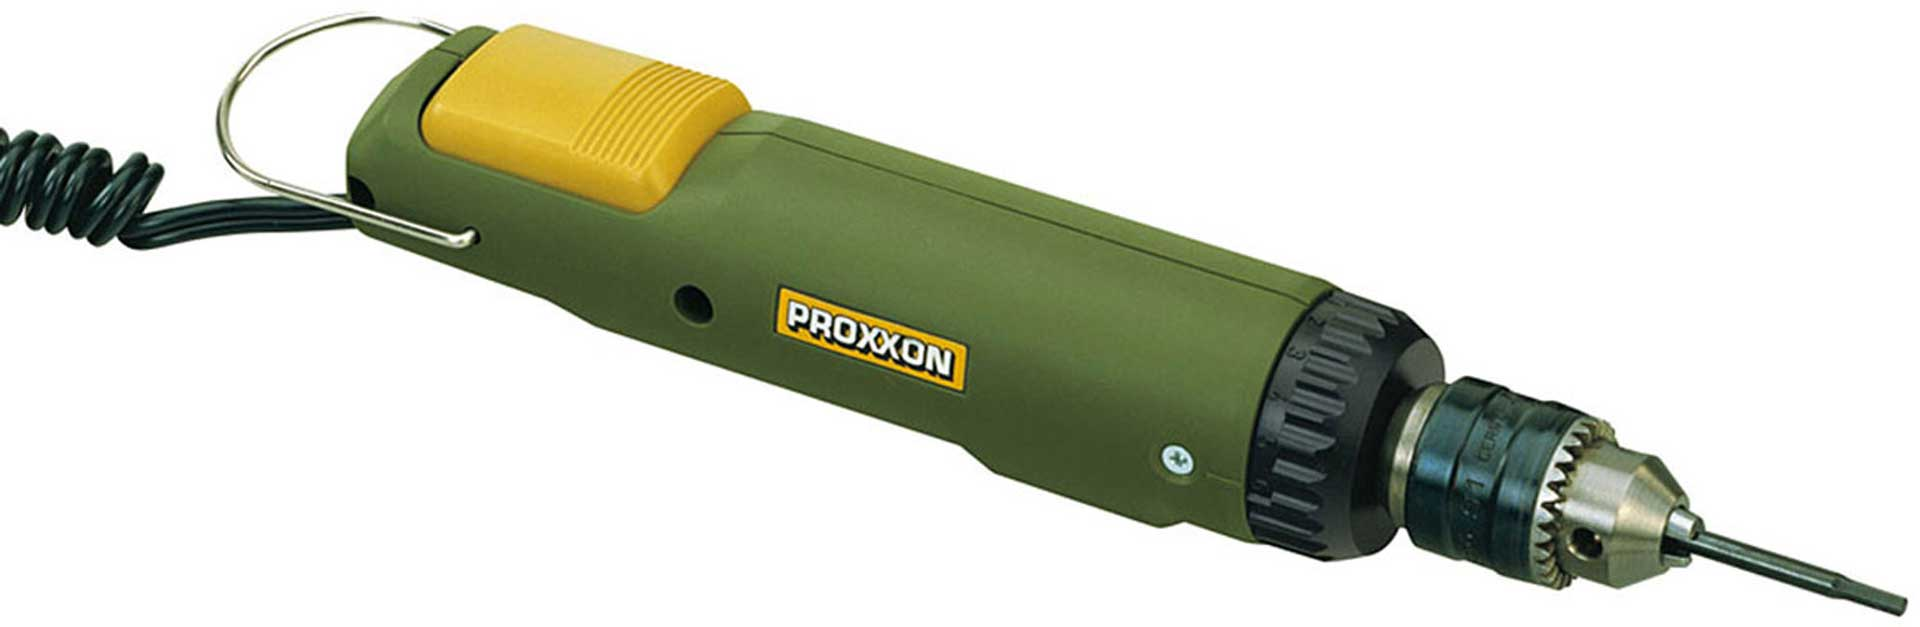 PROXXON Micro-Schrauber MIS 1 im Karton mit 16 Einsätzen